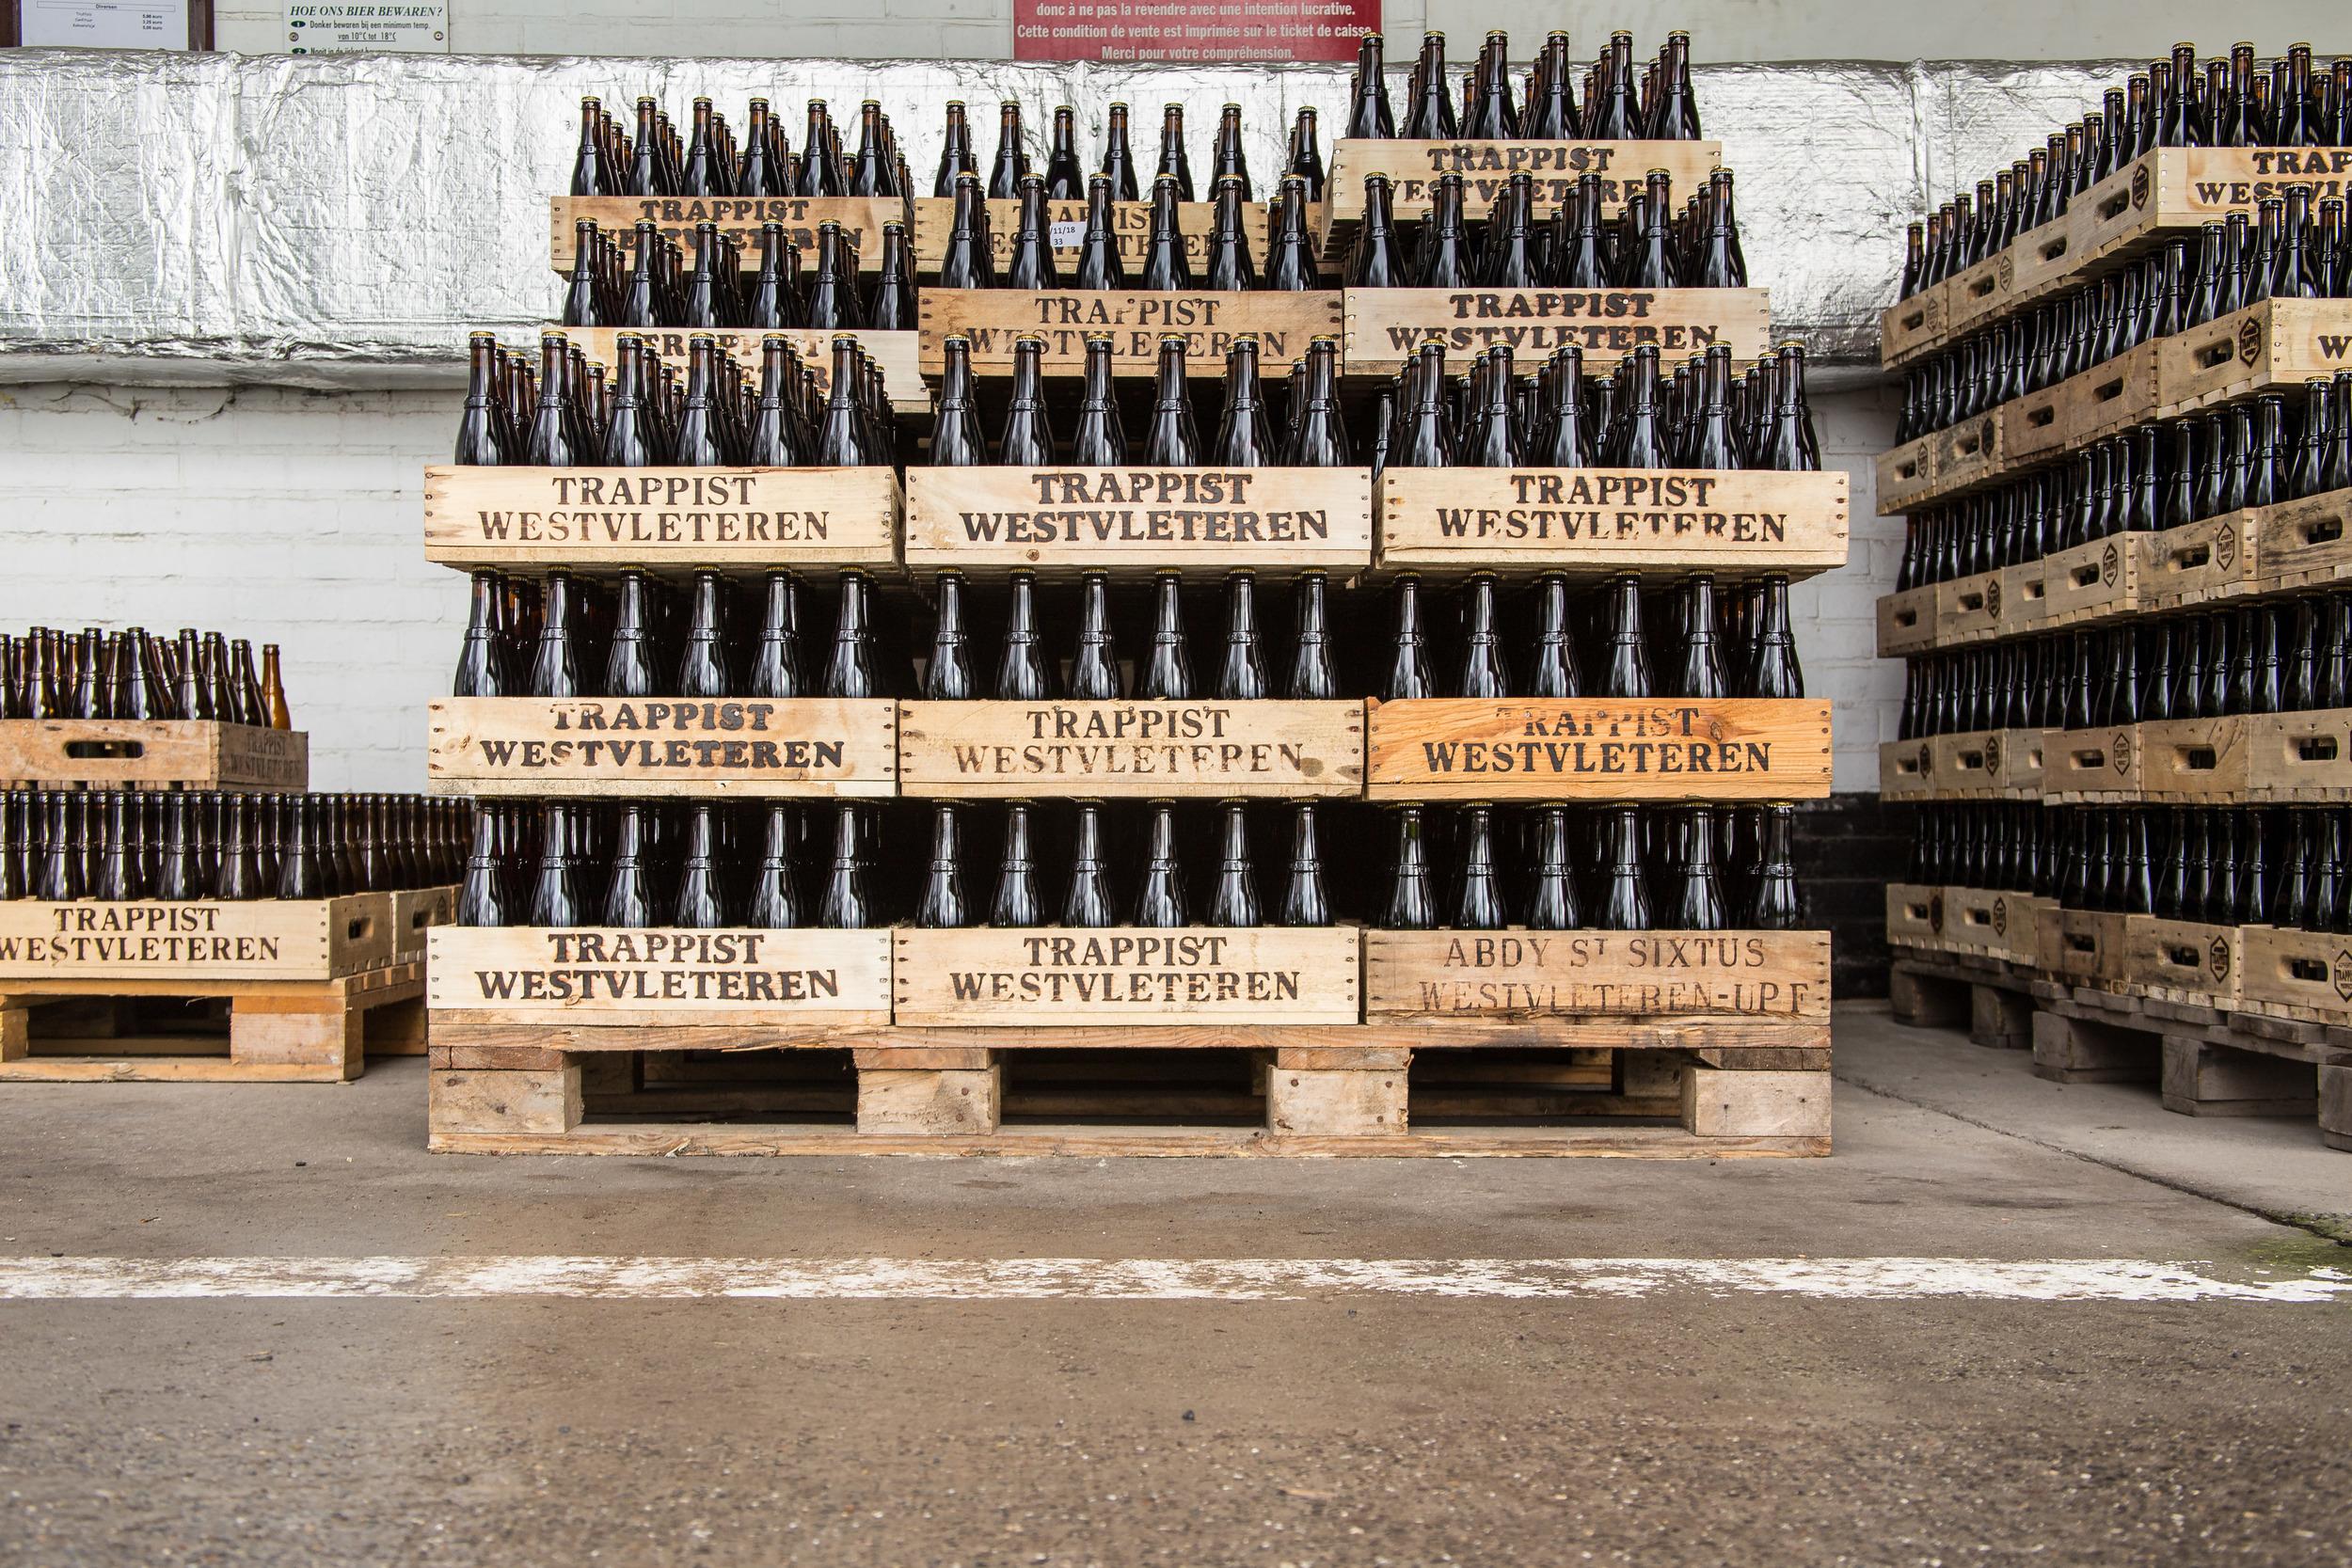 Houten bakken bier Trappist Westvleteren nummer twaalf